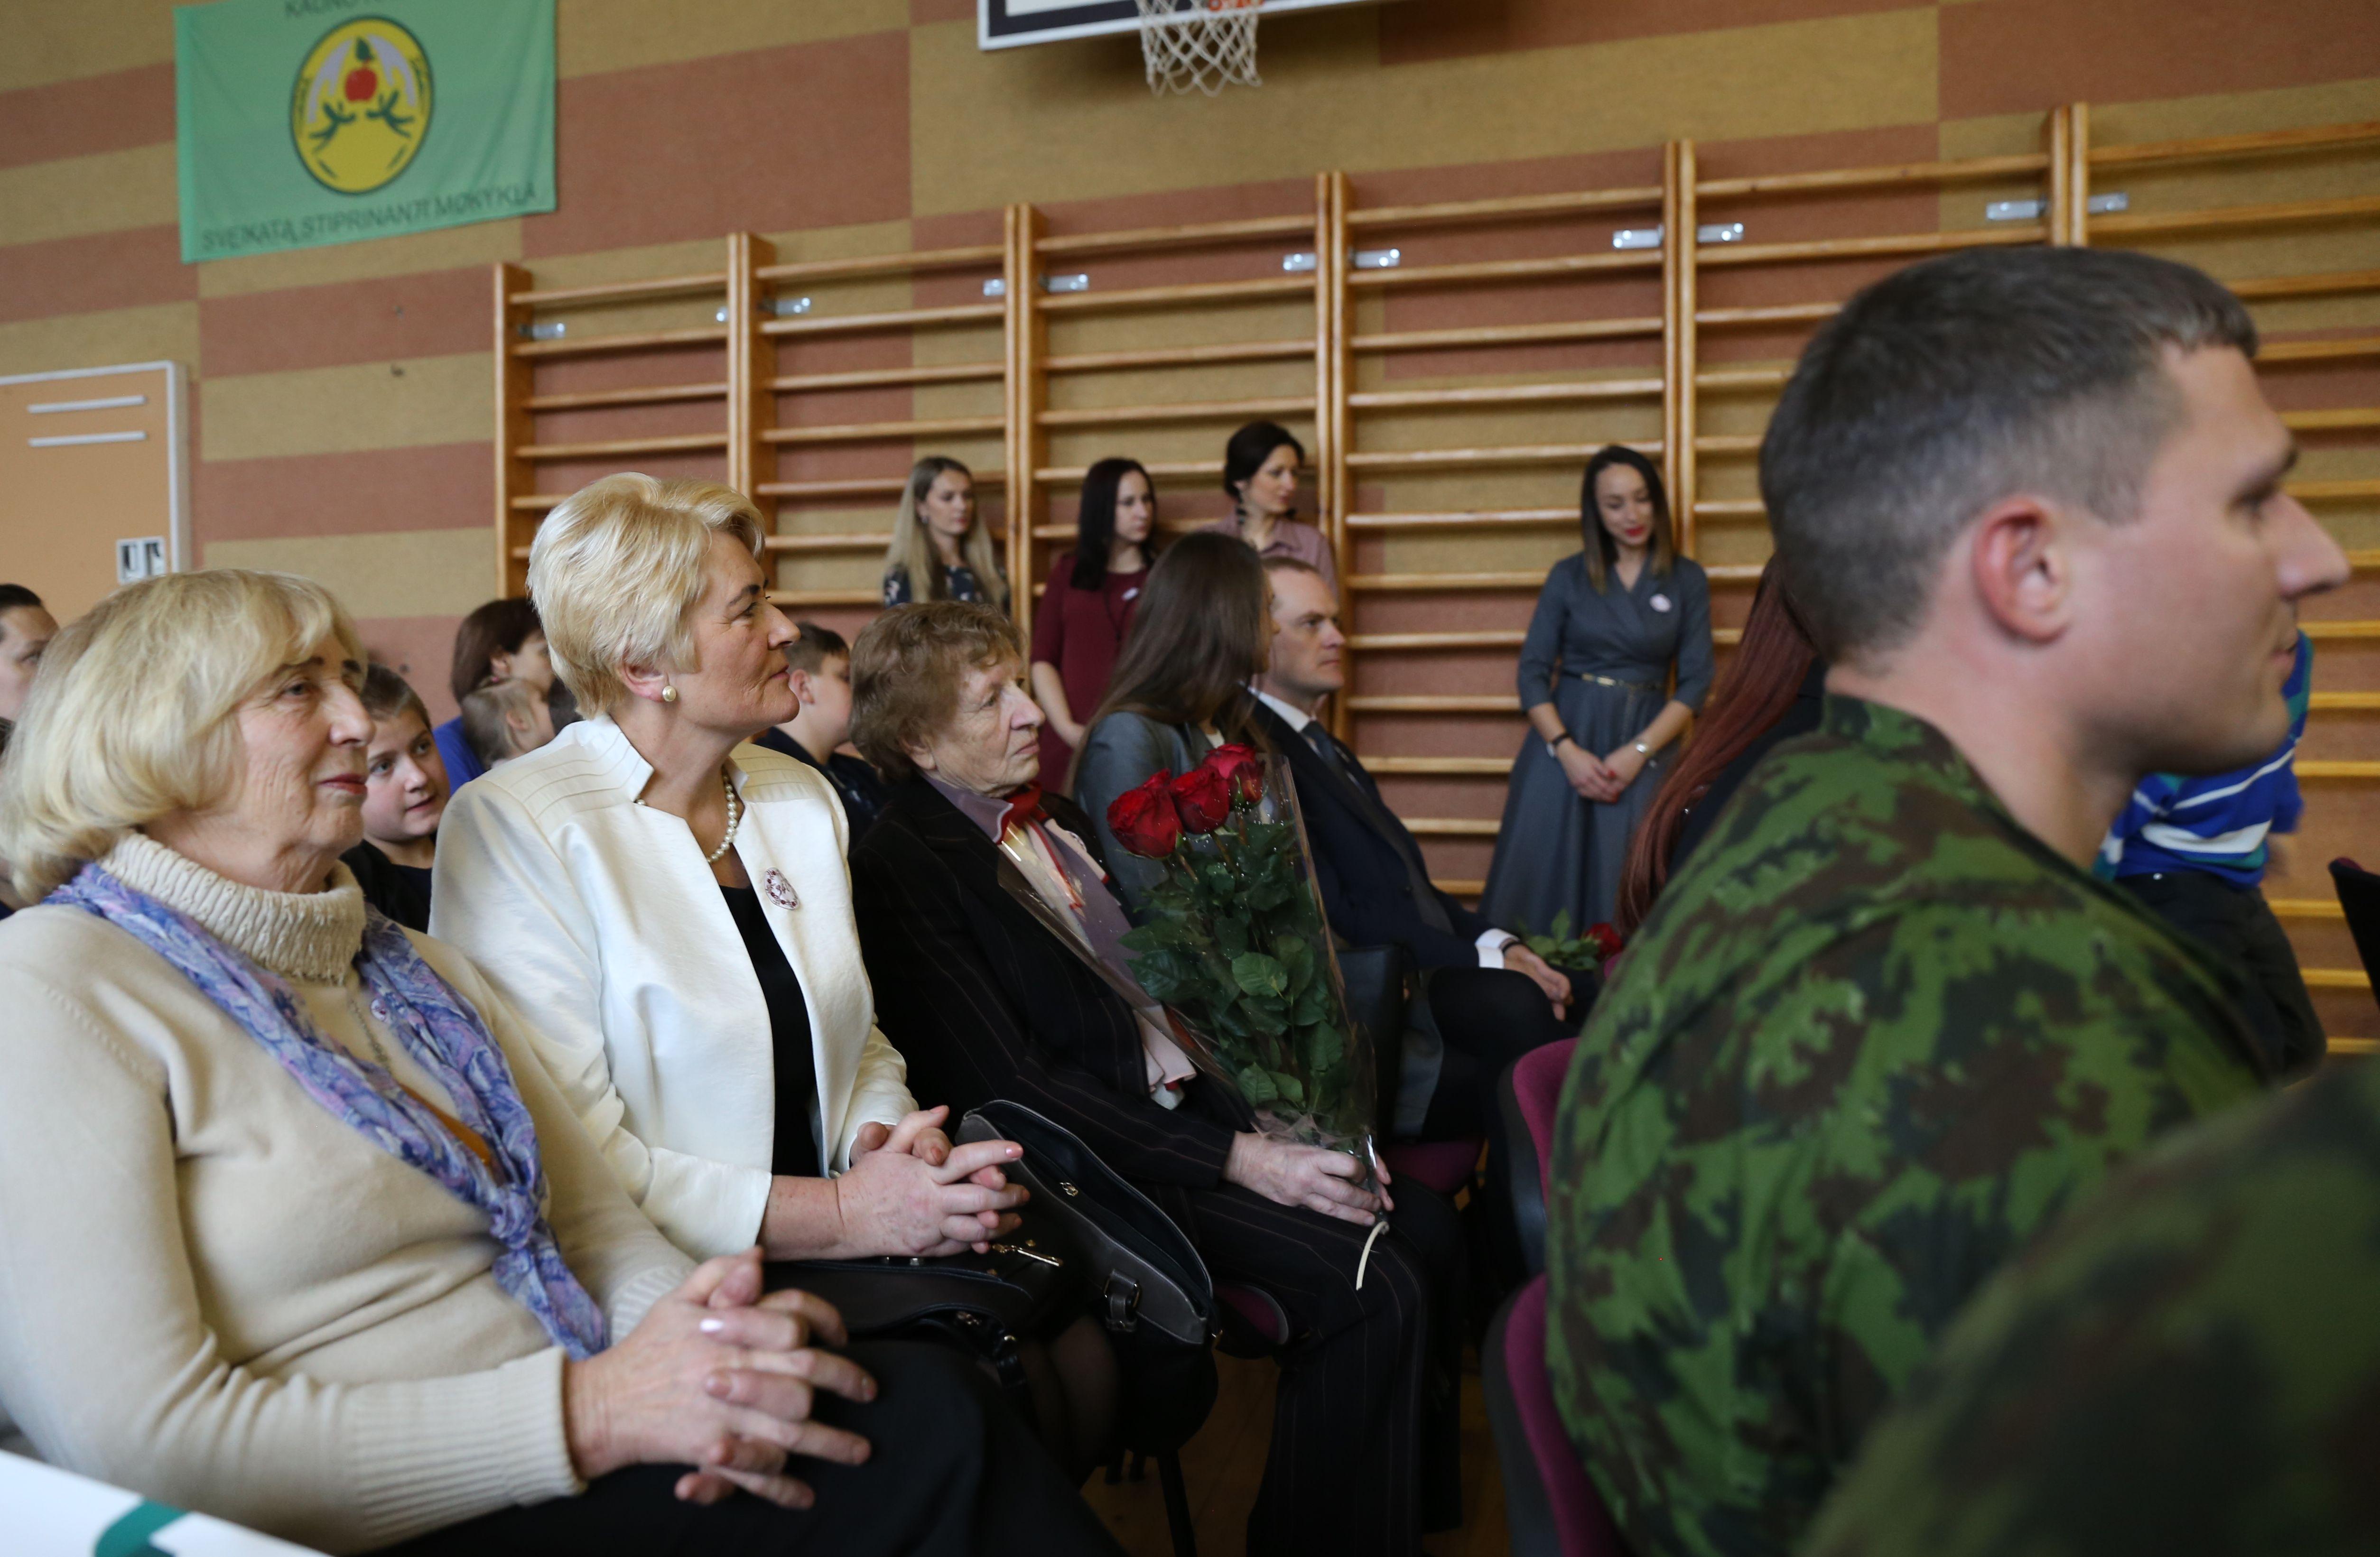 Žinomi zapyškiečiai nusilenkė savo mokyklai | Kauno rajono savivaldybės nuotr.